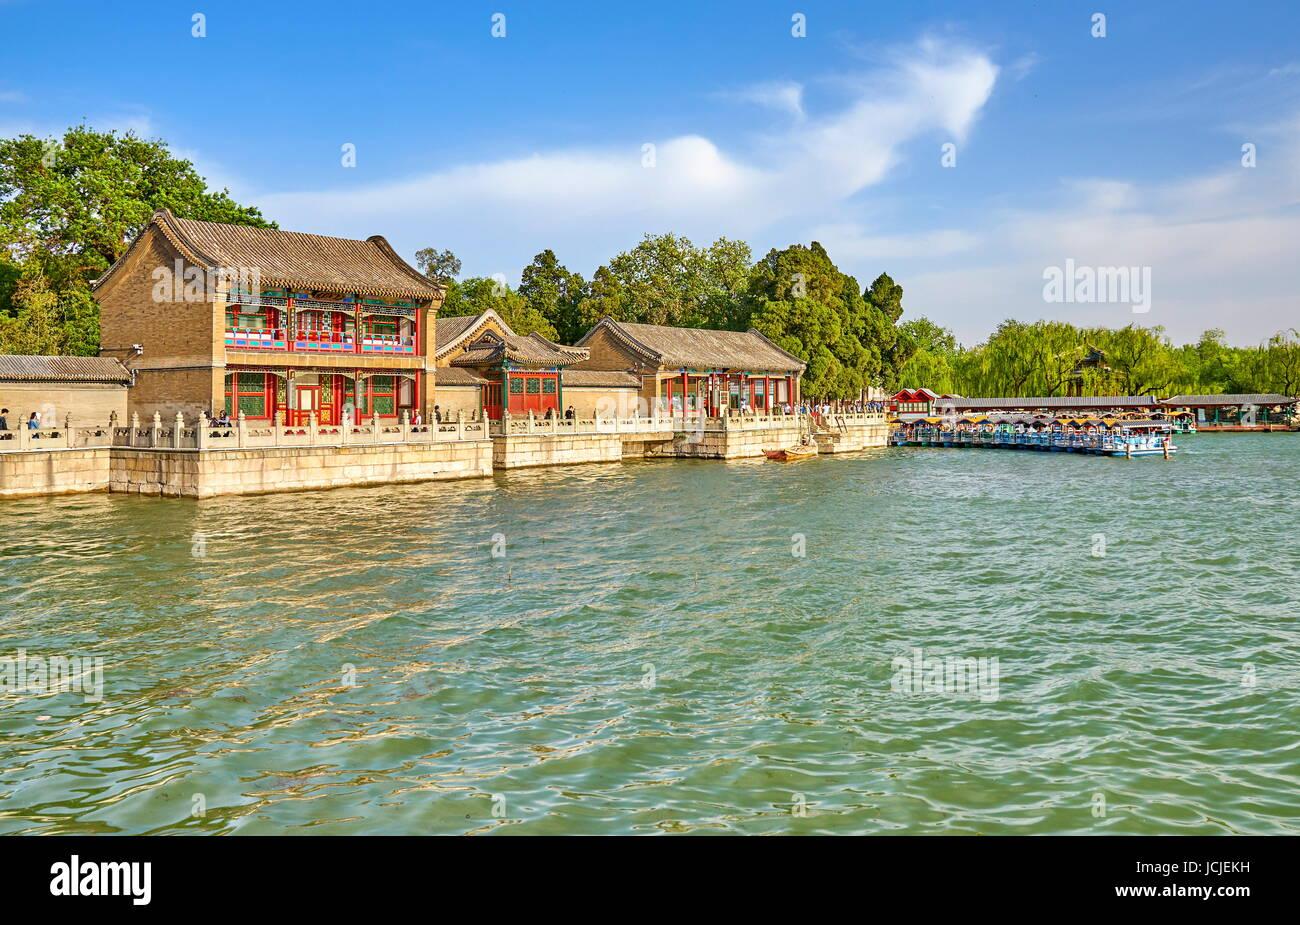 Lago Kunming cerca del Palacio de Verano, Beijing, China Imagen De Stock